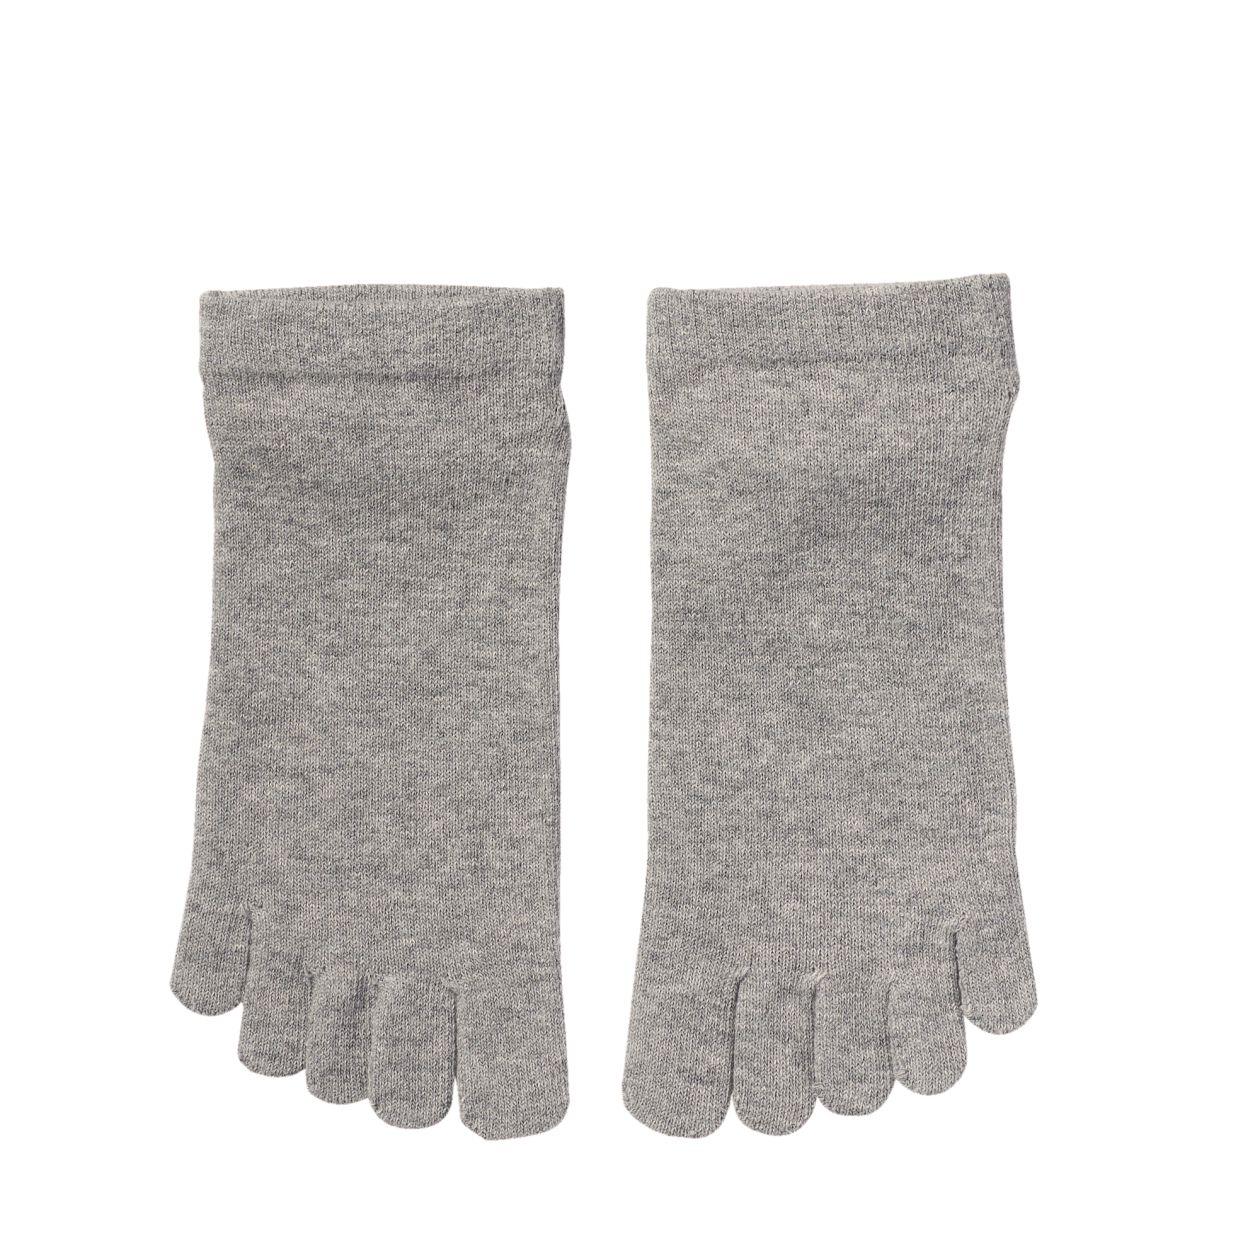 足なり直角 5本指スニーカーイン靴下(紳士・えらべる)